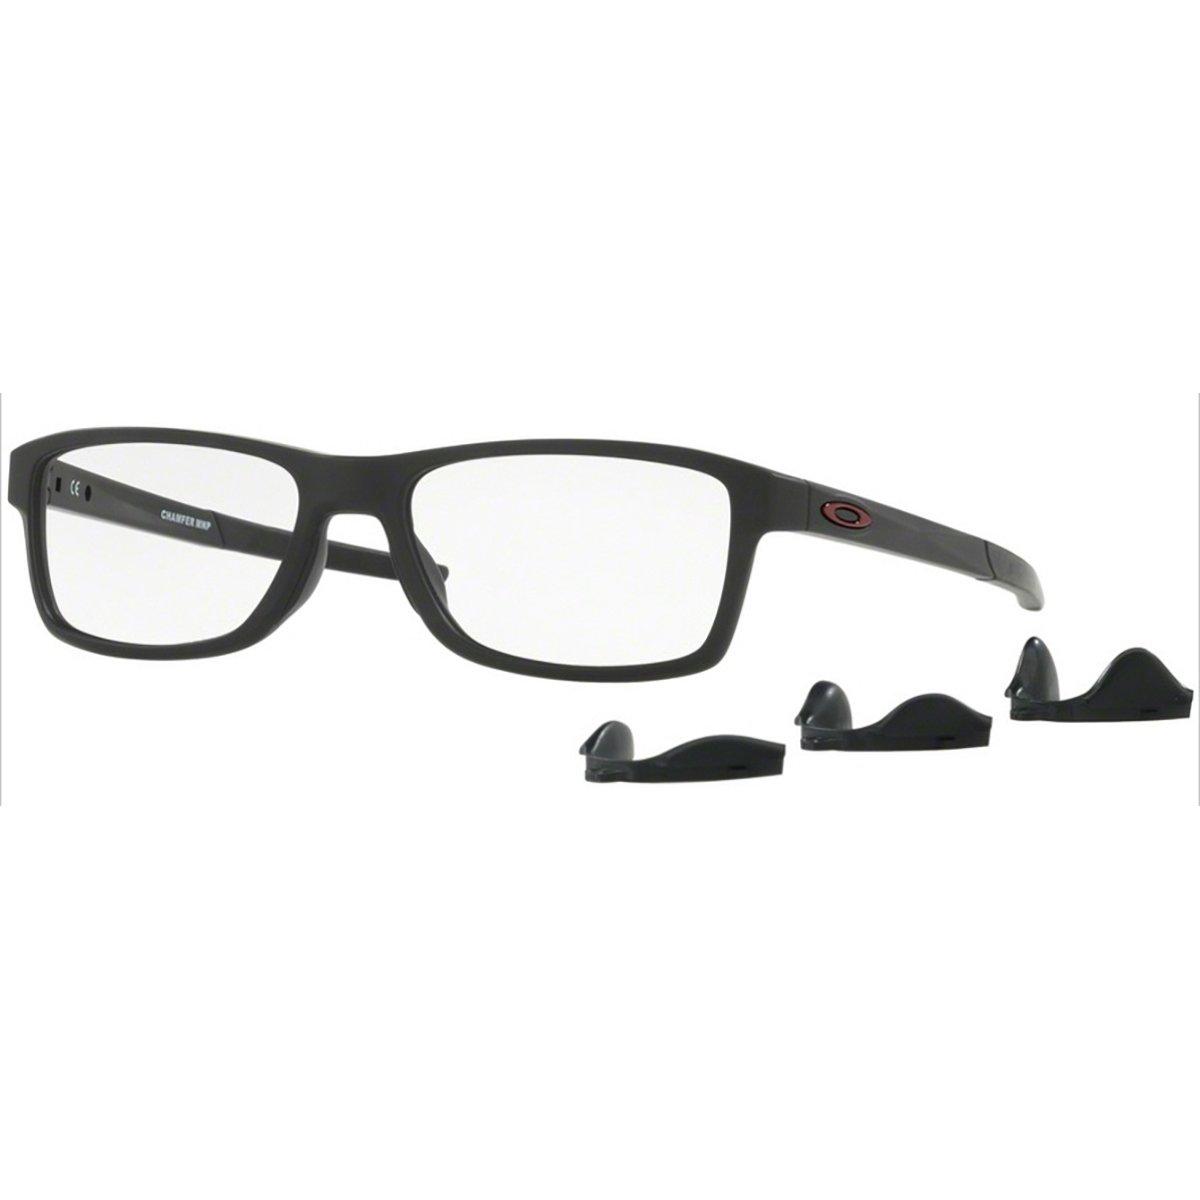 Compre Óculos de Grau Oakley Chamfer MNP em 10X   Tri-Jóia Shop 4f977edb3c